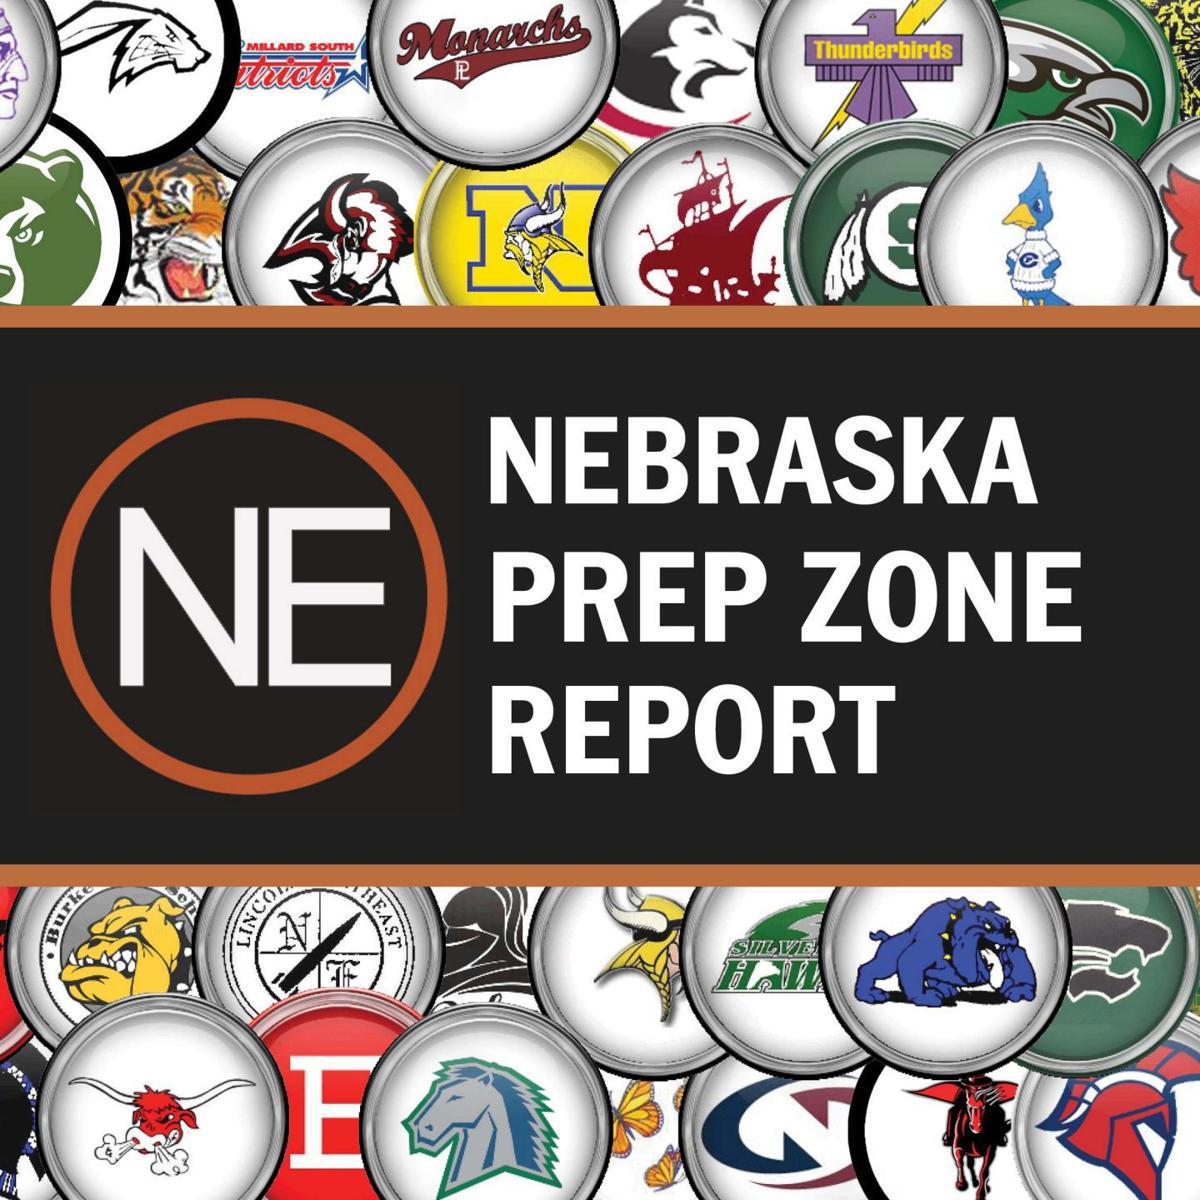 Prep Zone Report square